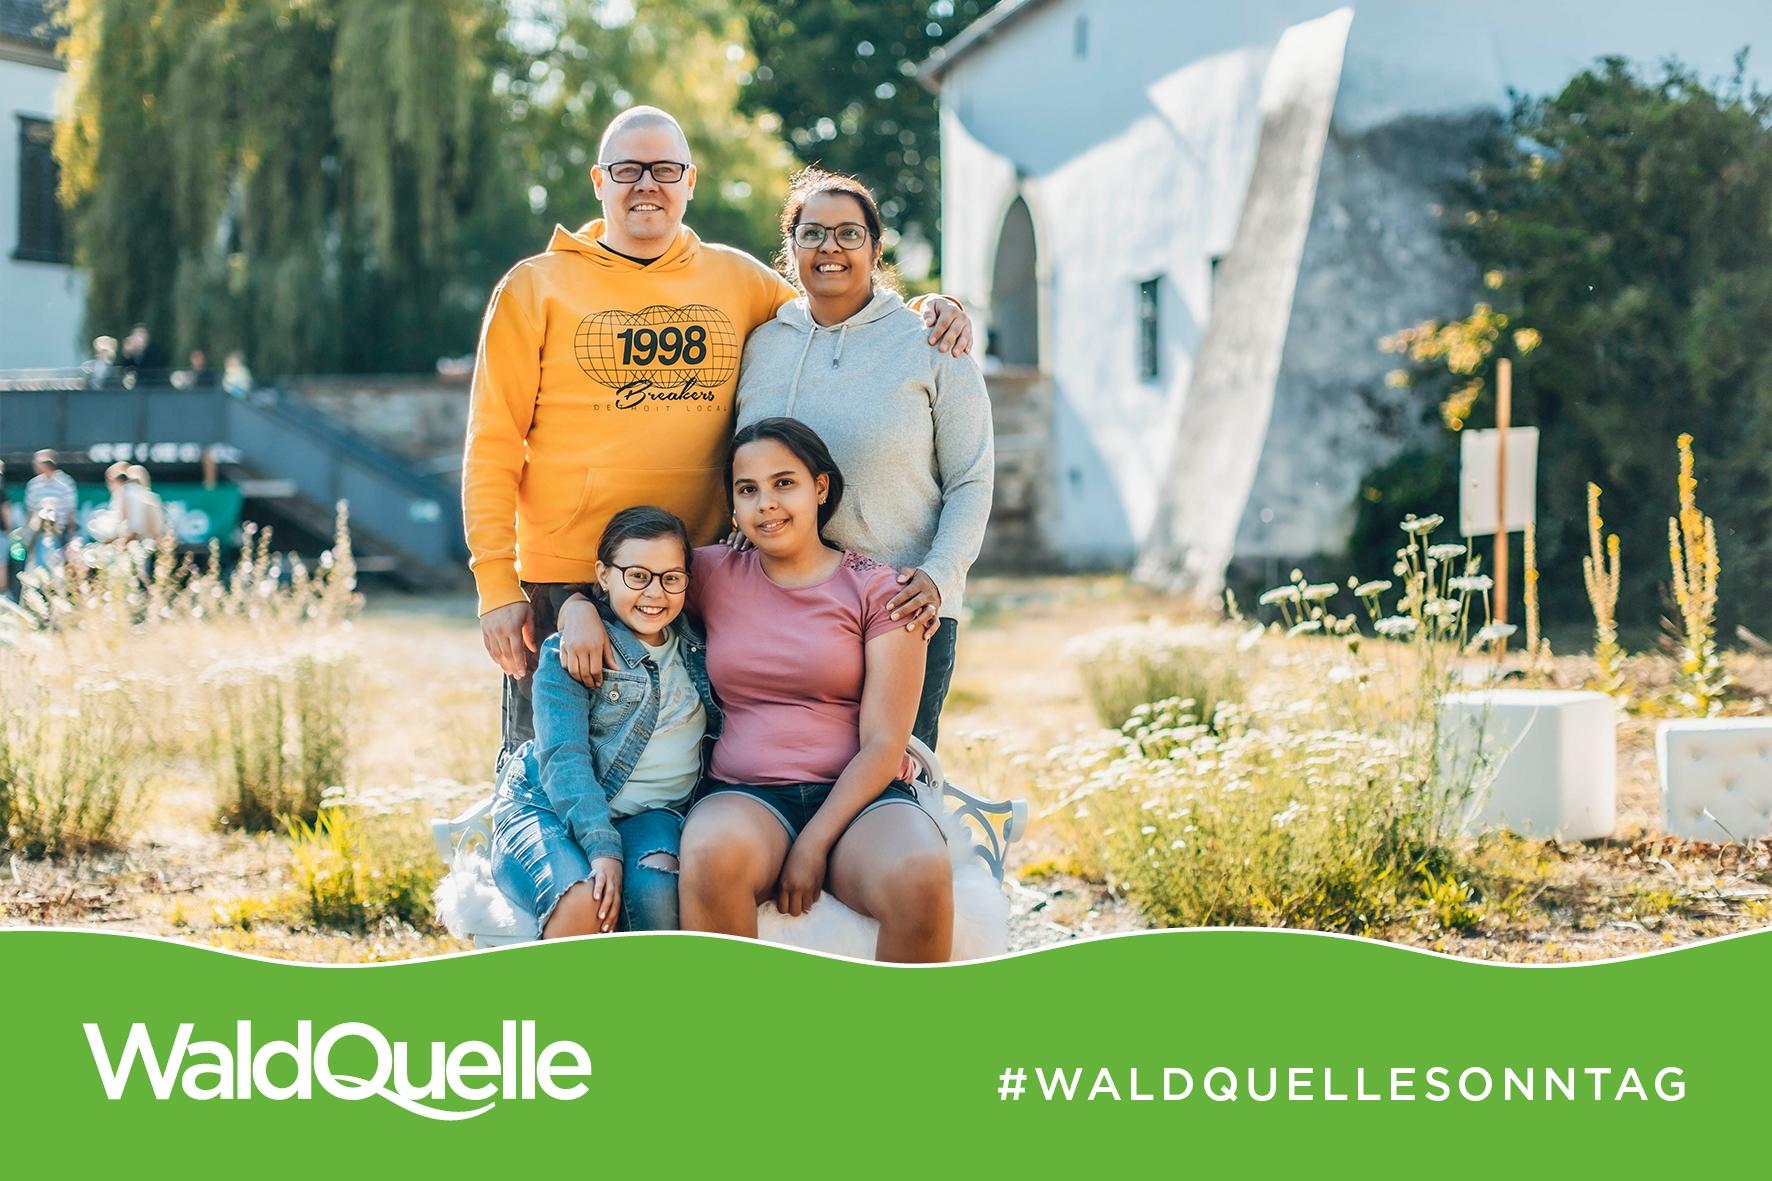 Waldquelle Familiensonntag - Familienfotos © Michael Fraller